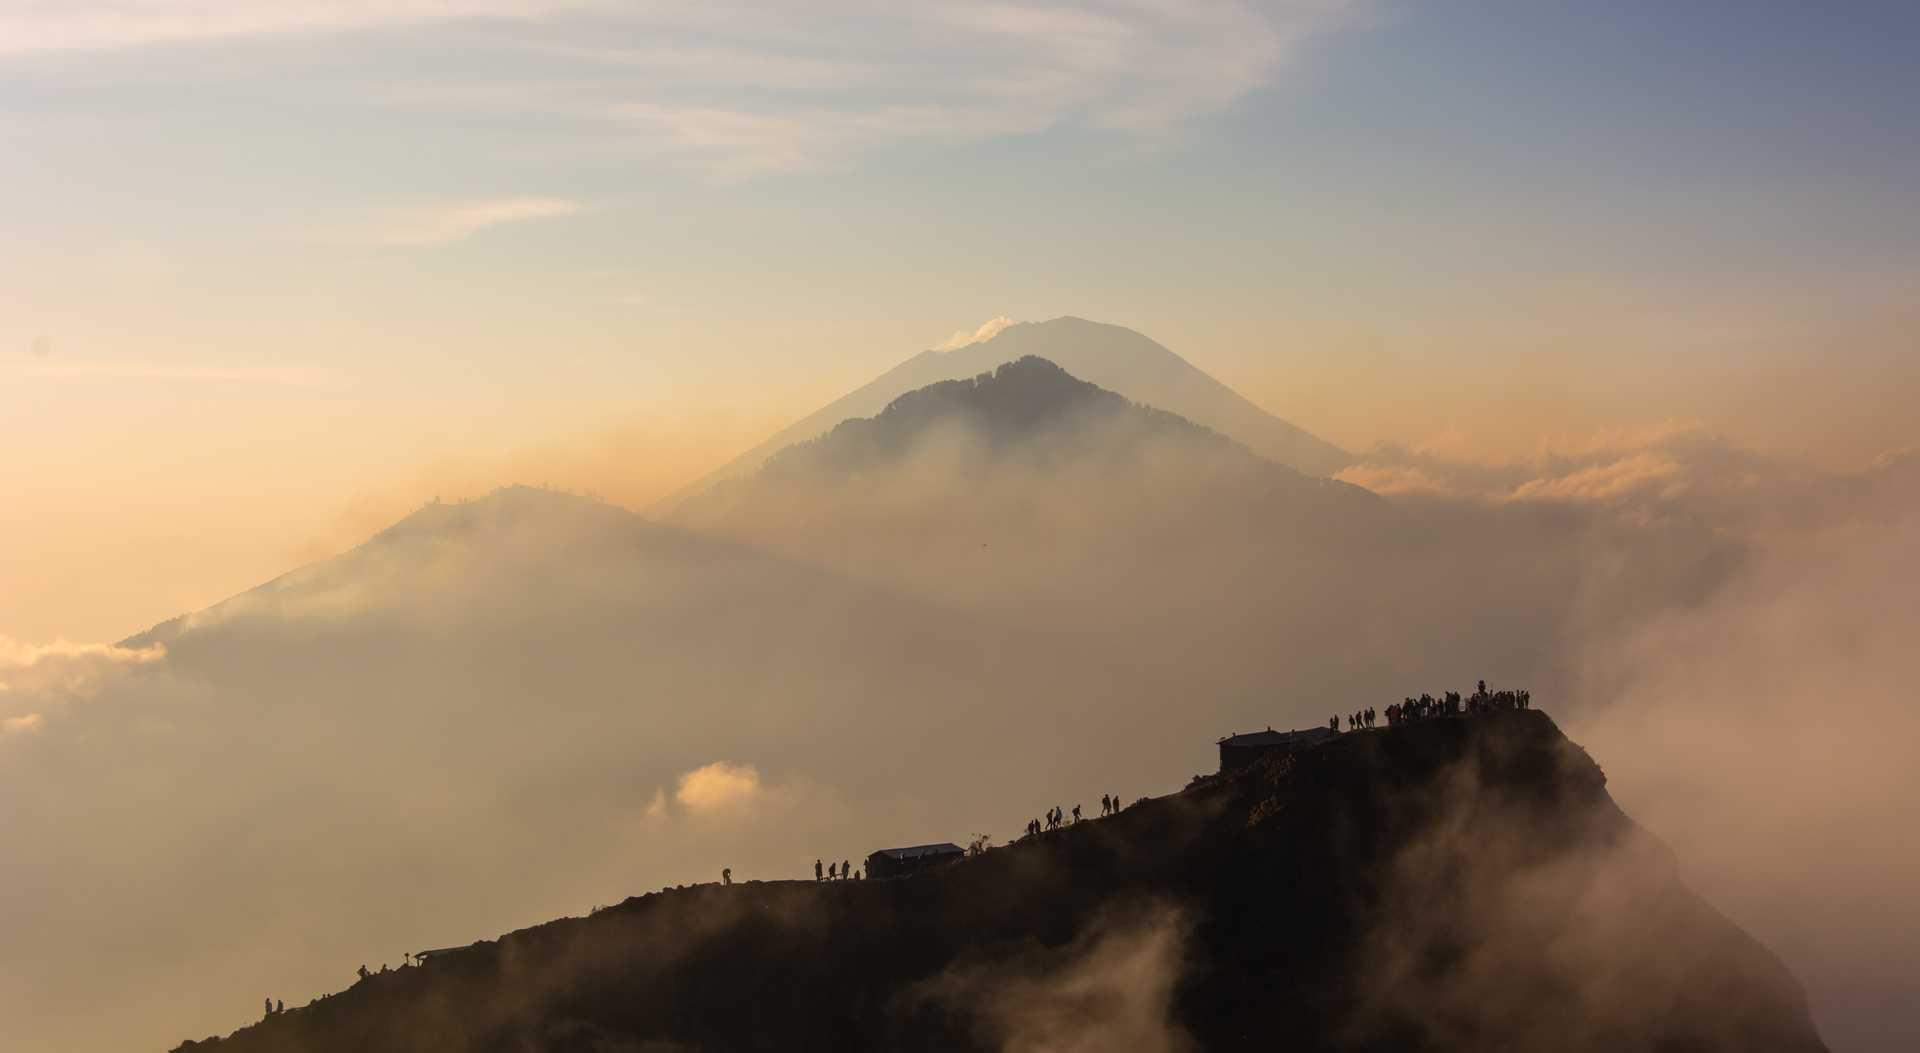 Hikers climbing Mount Batur